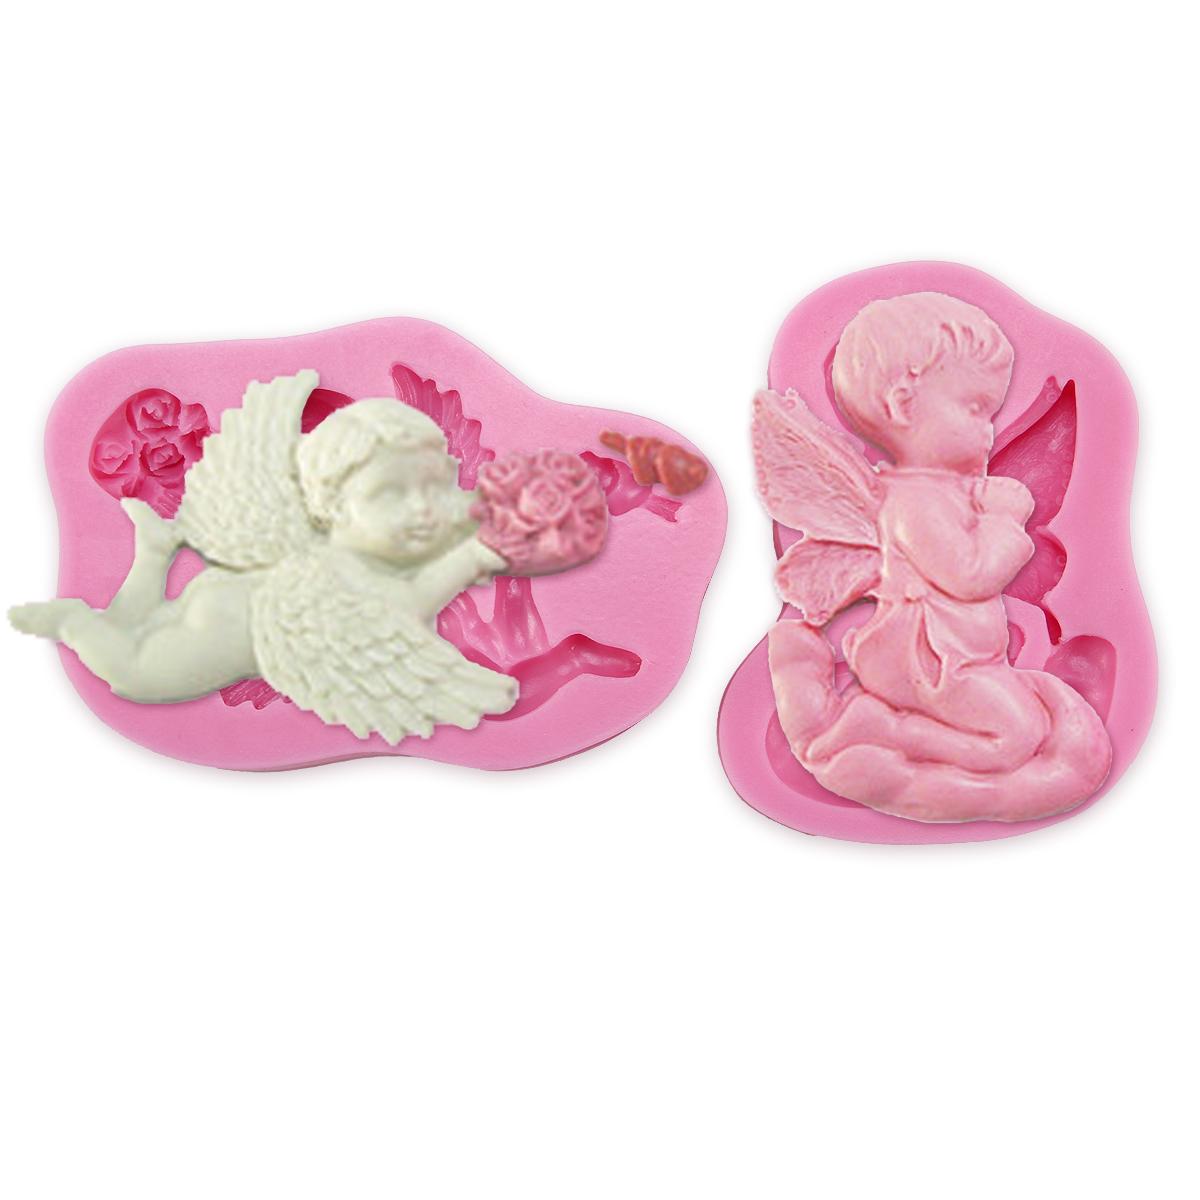 Cake Decorating Baby Mould : Birthday Baby Elf Silicone Cake Fondant Mold Sugarcraft ...